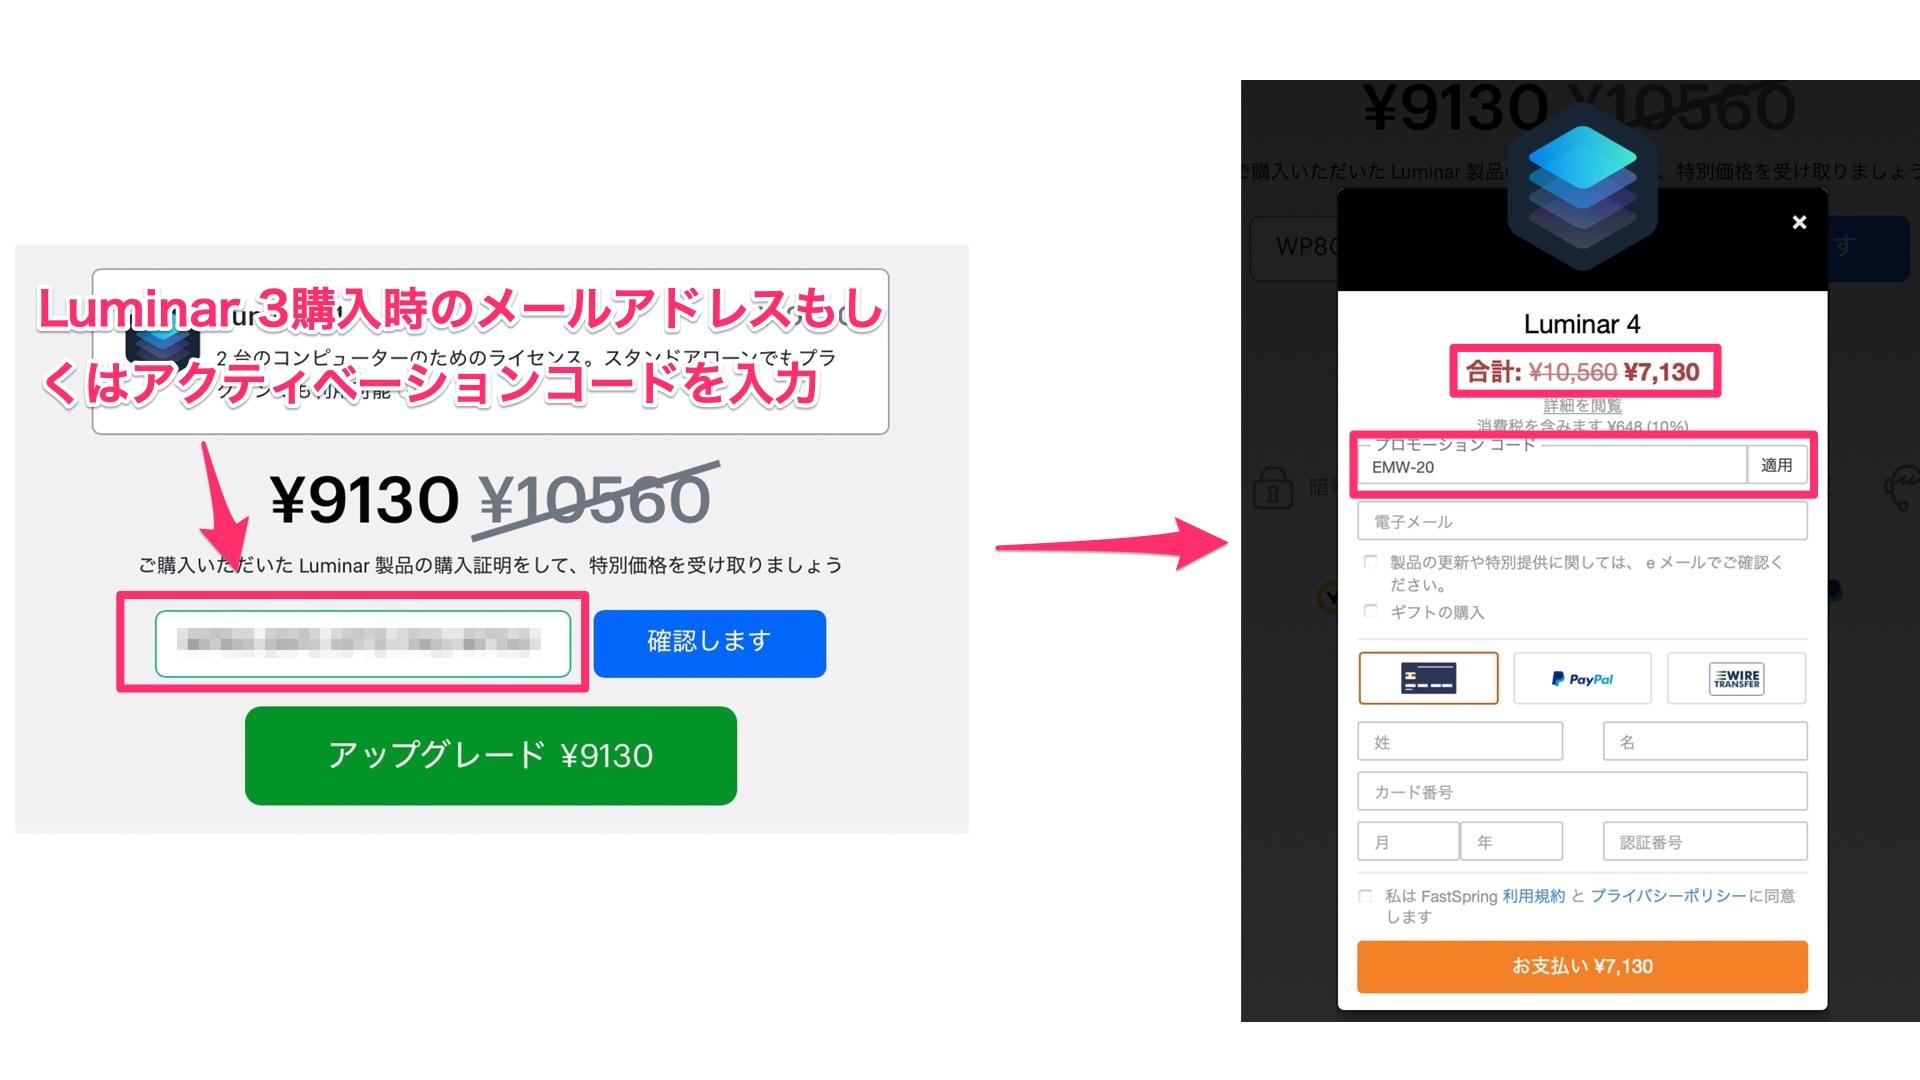 93c212c66eb76e41943c257f9dd8a89e - (終了)期間限定!Luminar 4を2000円OFFで購入できるクーポン配布中(プロモーションコード)